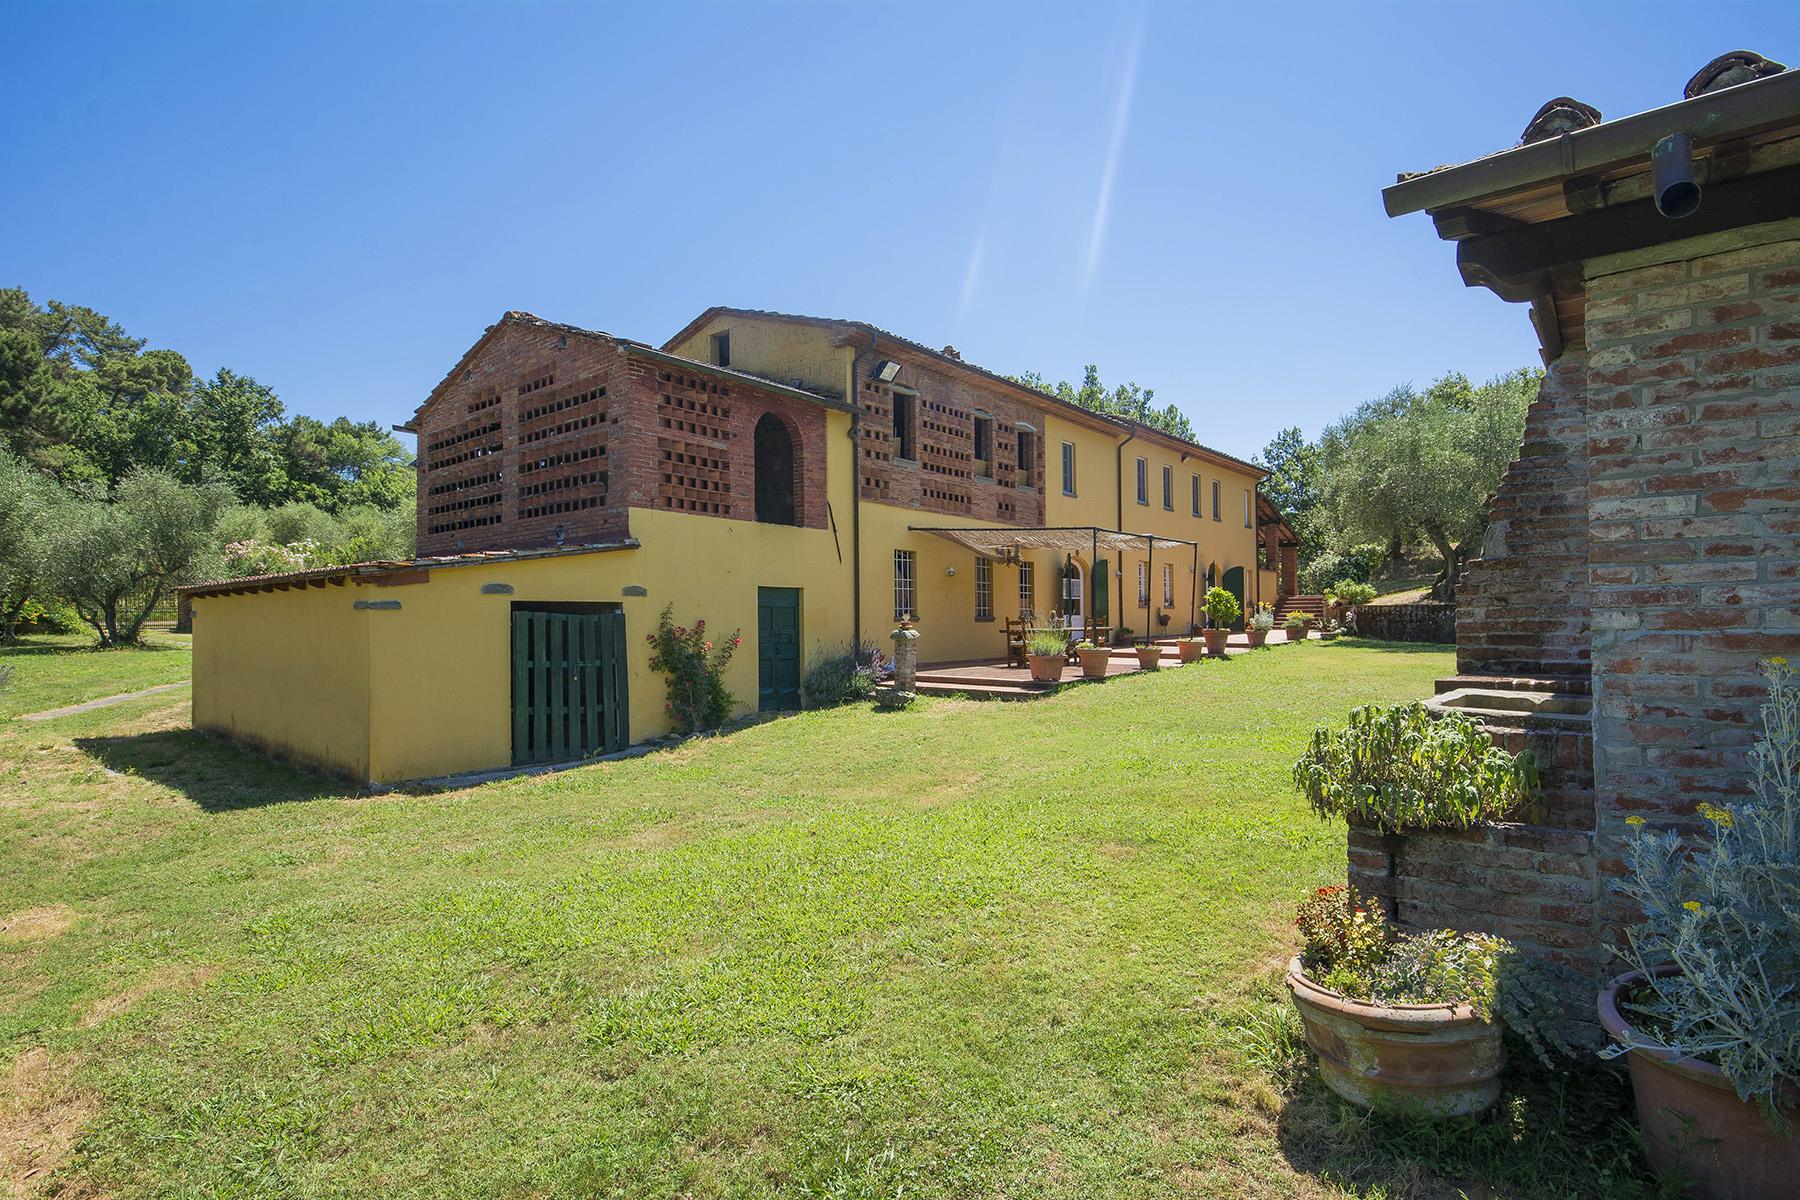 Rustico in Vendita a Capannori: 5 locali, 400 mq - Foto 16